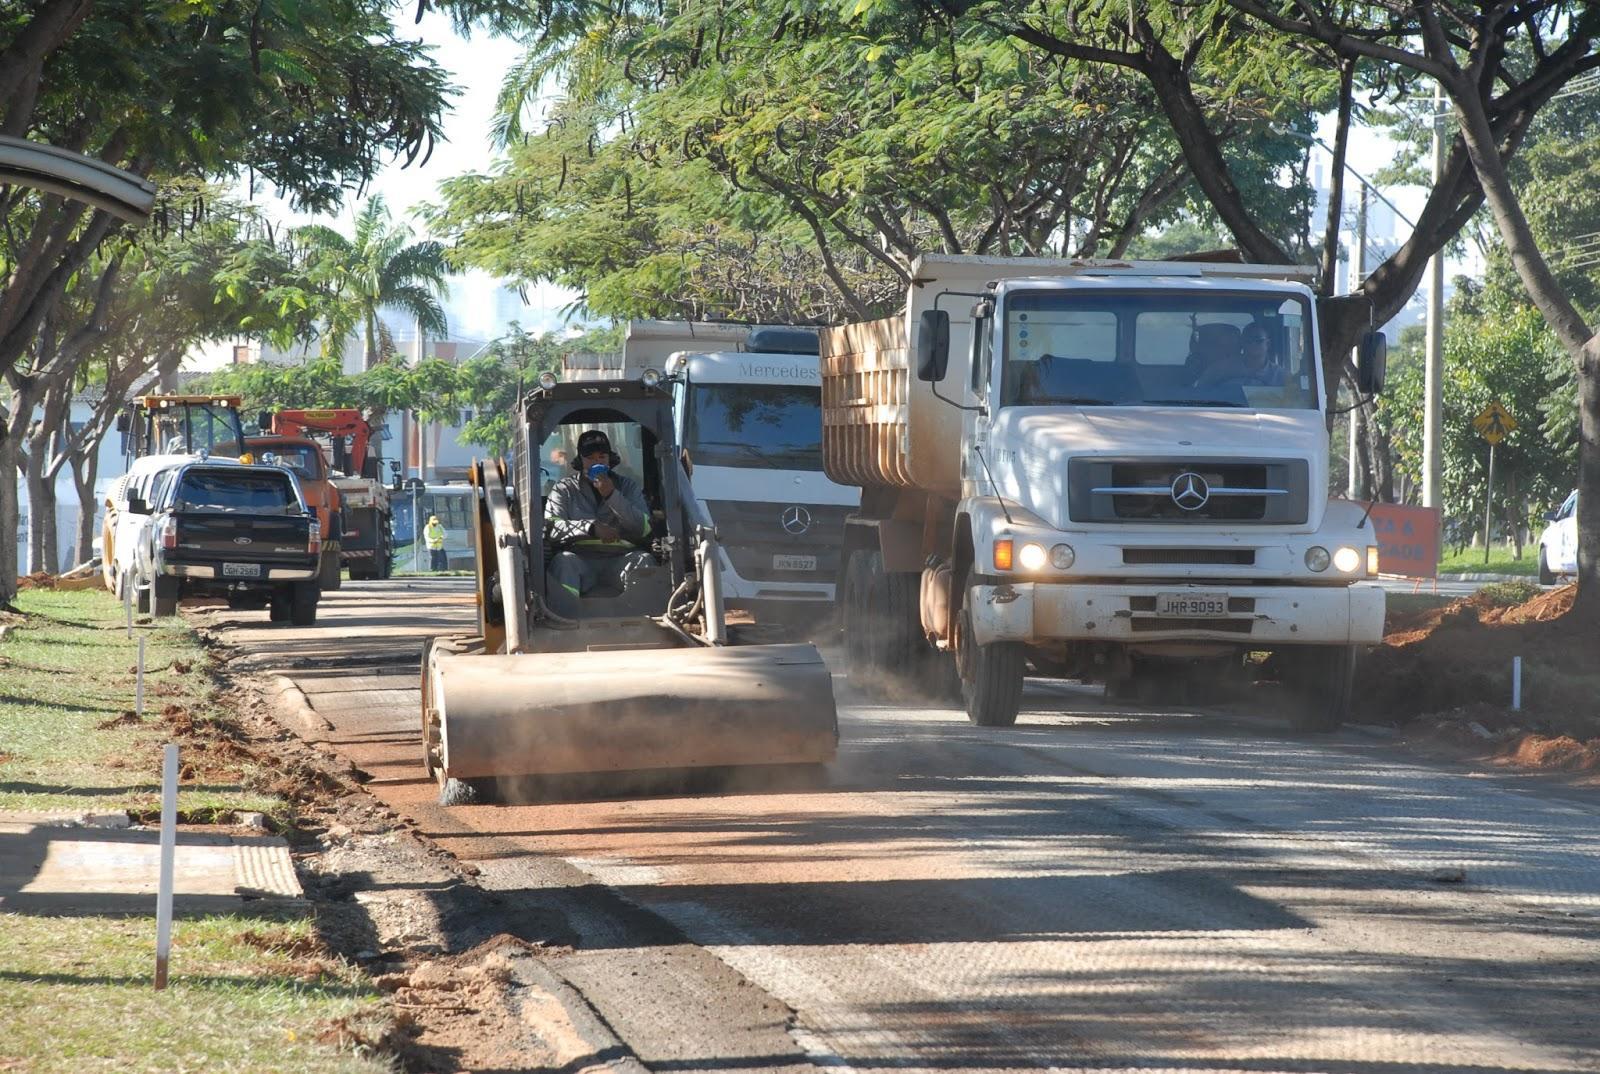 Trânsito no centro de Goiânia será desviado para obras; transporte coletivo será afetado